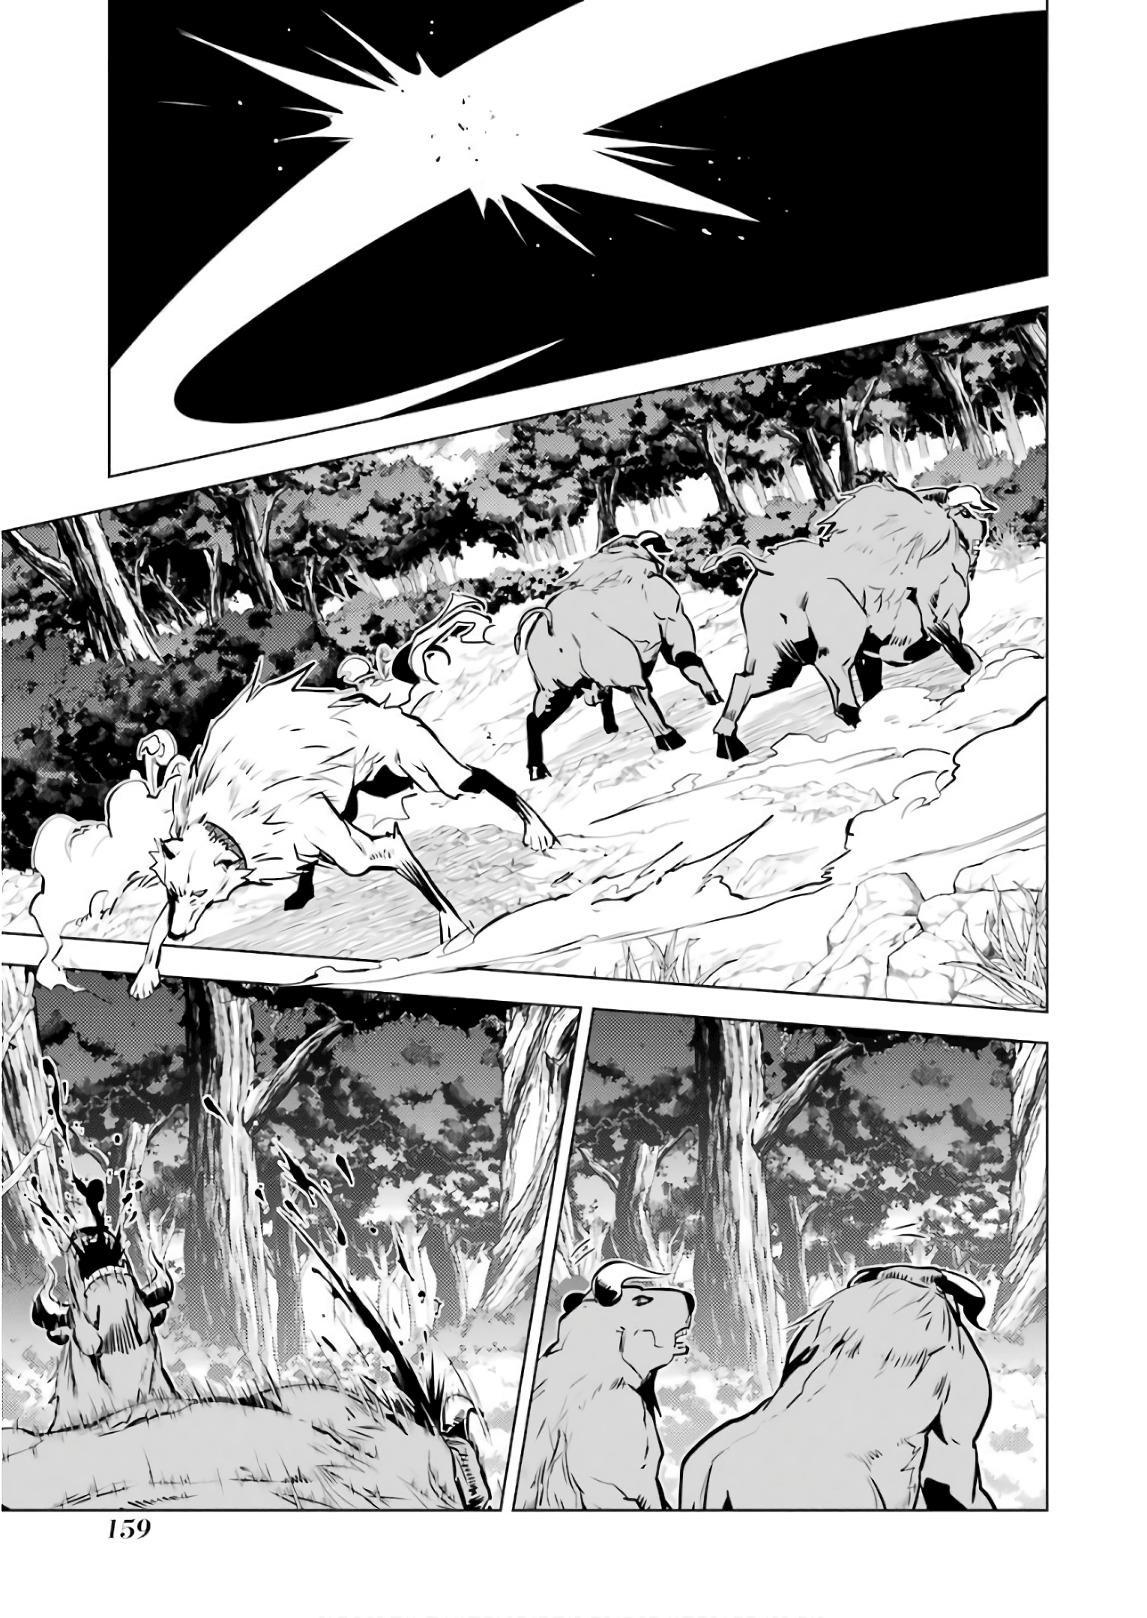 Tensei Kenja No Isekai Raifu ~Daini No Shokugyo Wo Ete, Sekai Saikyou Ni Narimashita~ Vol.5 Chapter 15: I Was Being Pursued page 35 - Mangakakalots.com